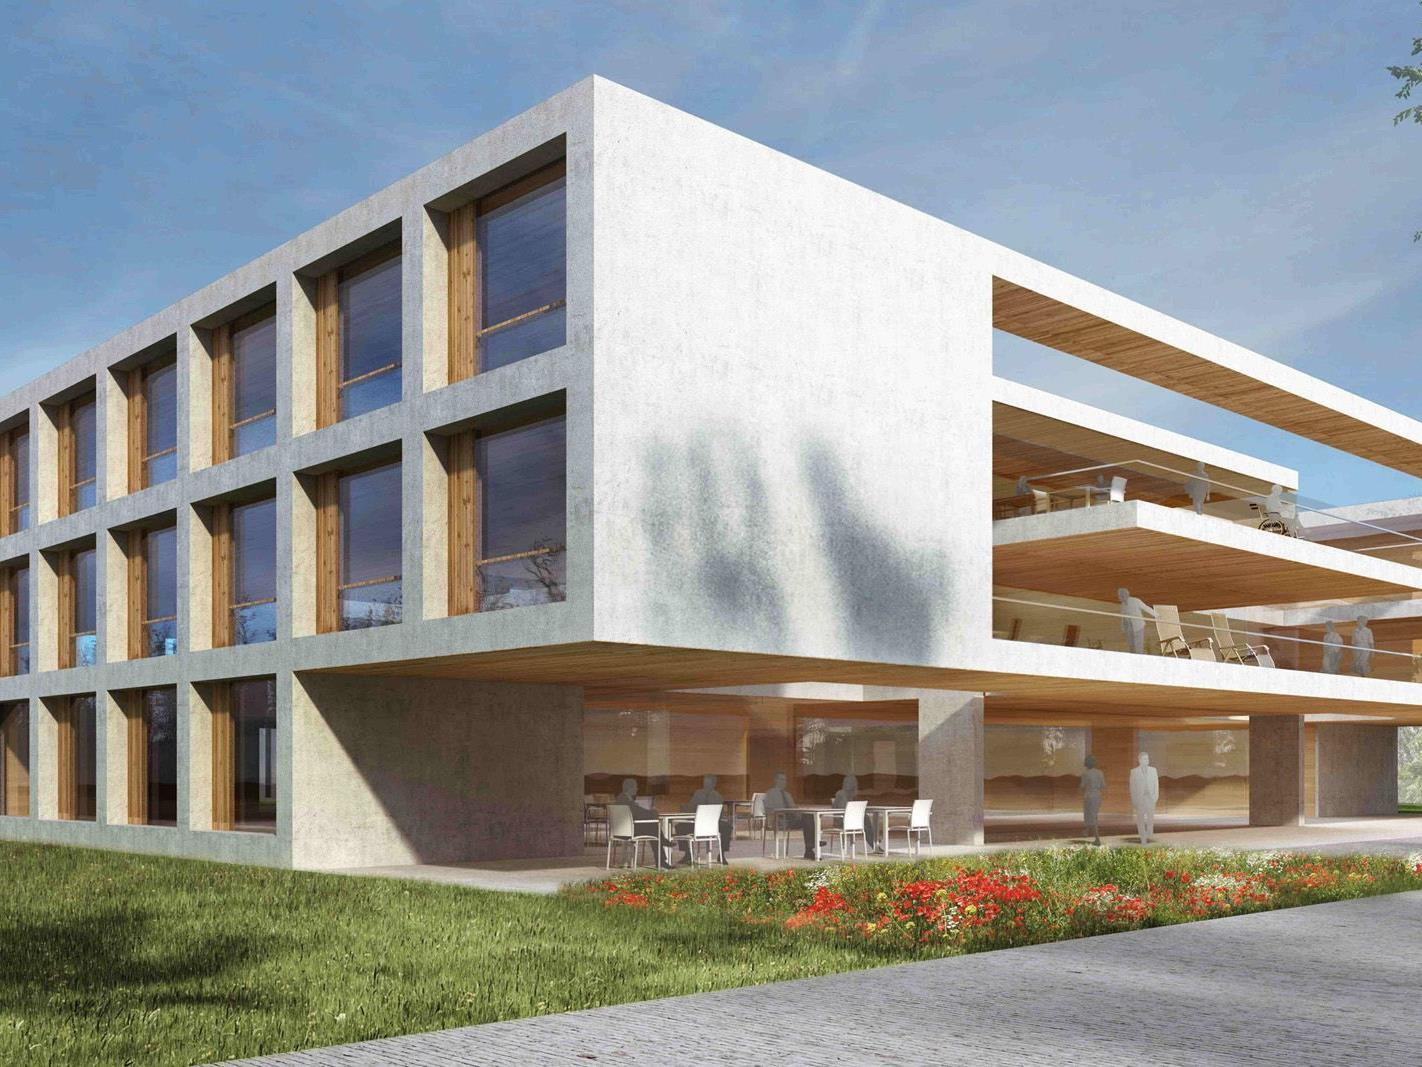 Das Siegerprojekt zum Bau des neuen Pflegeheimes Höchst Fußach